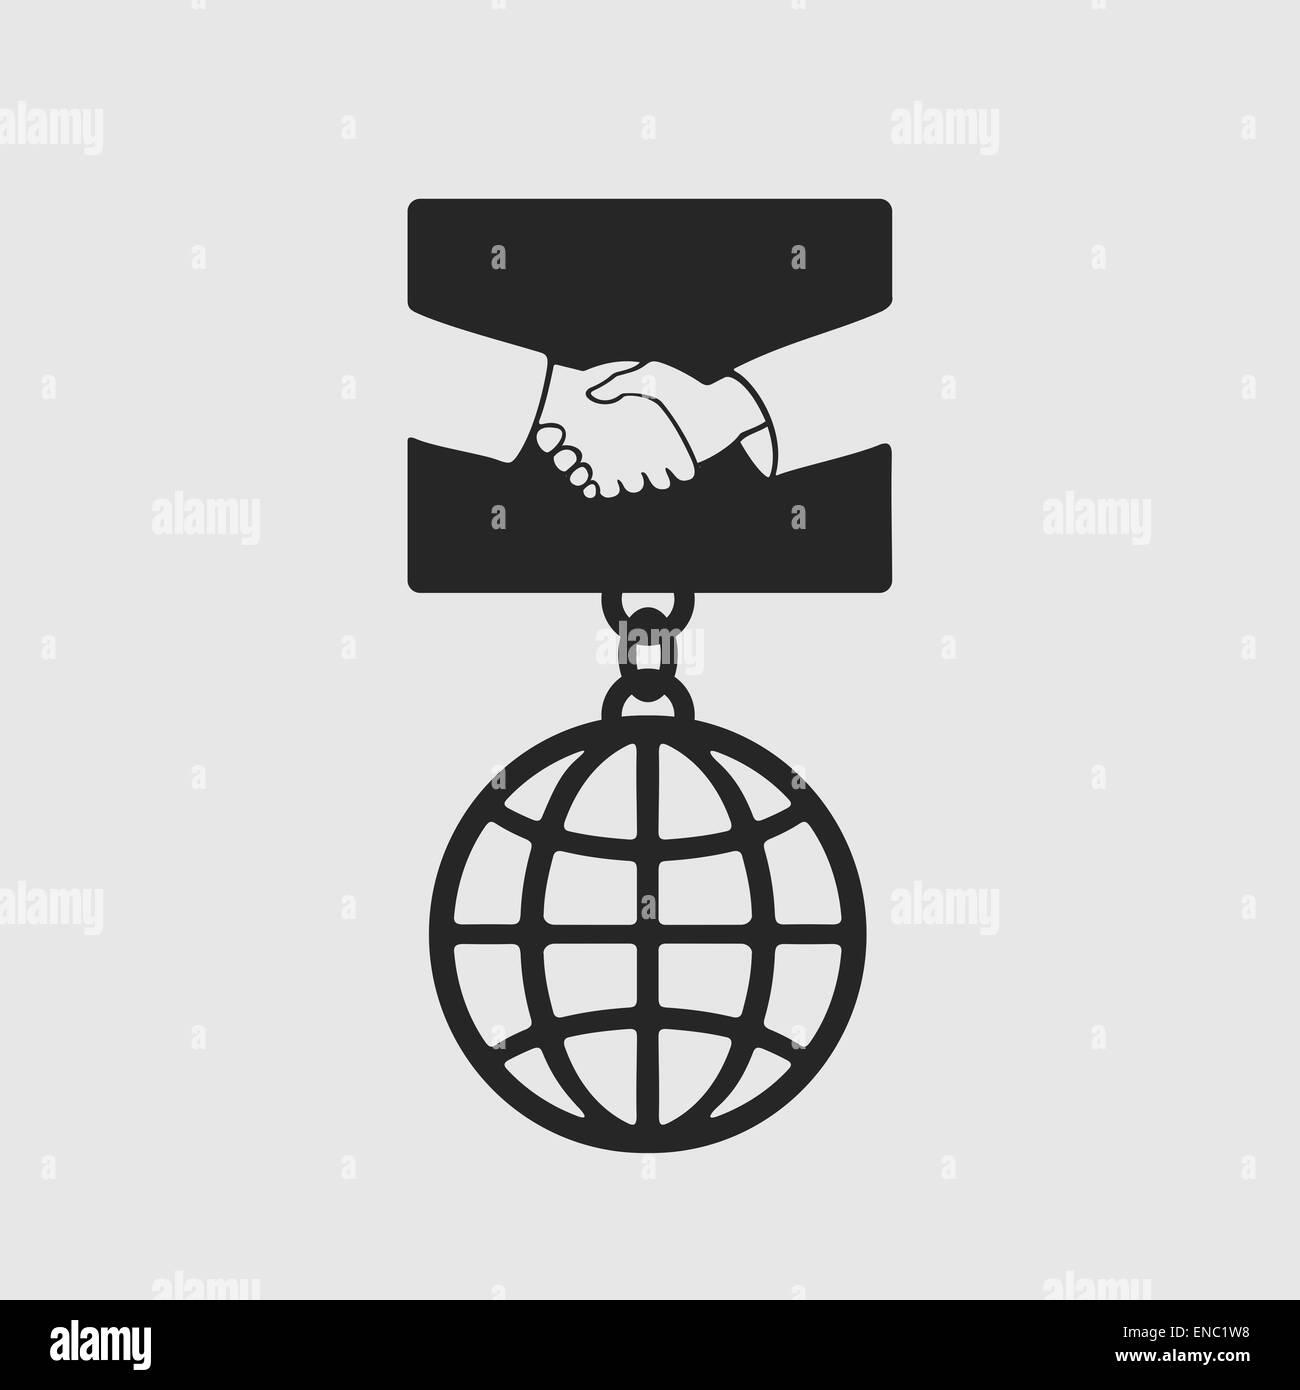 Medaille-Handshake-symbol Stockbild